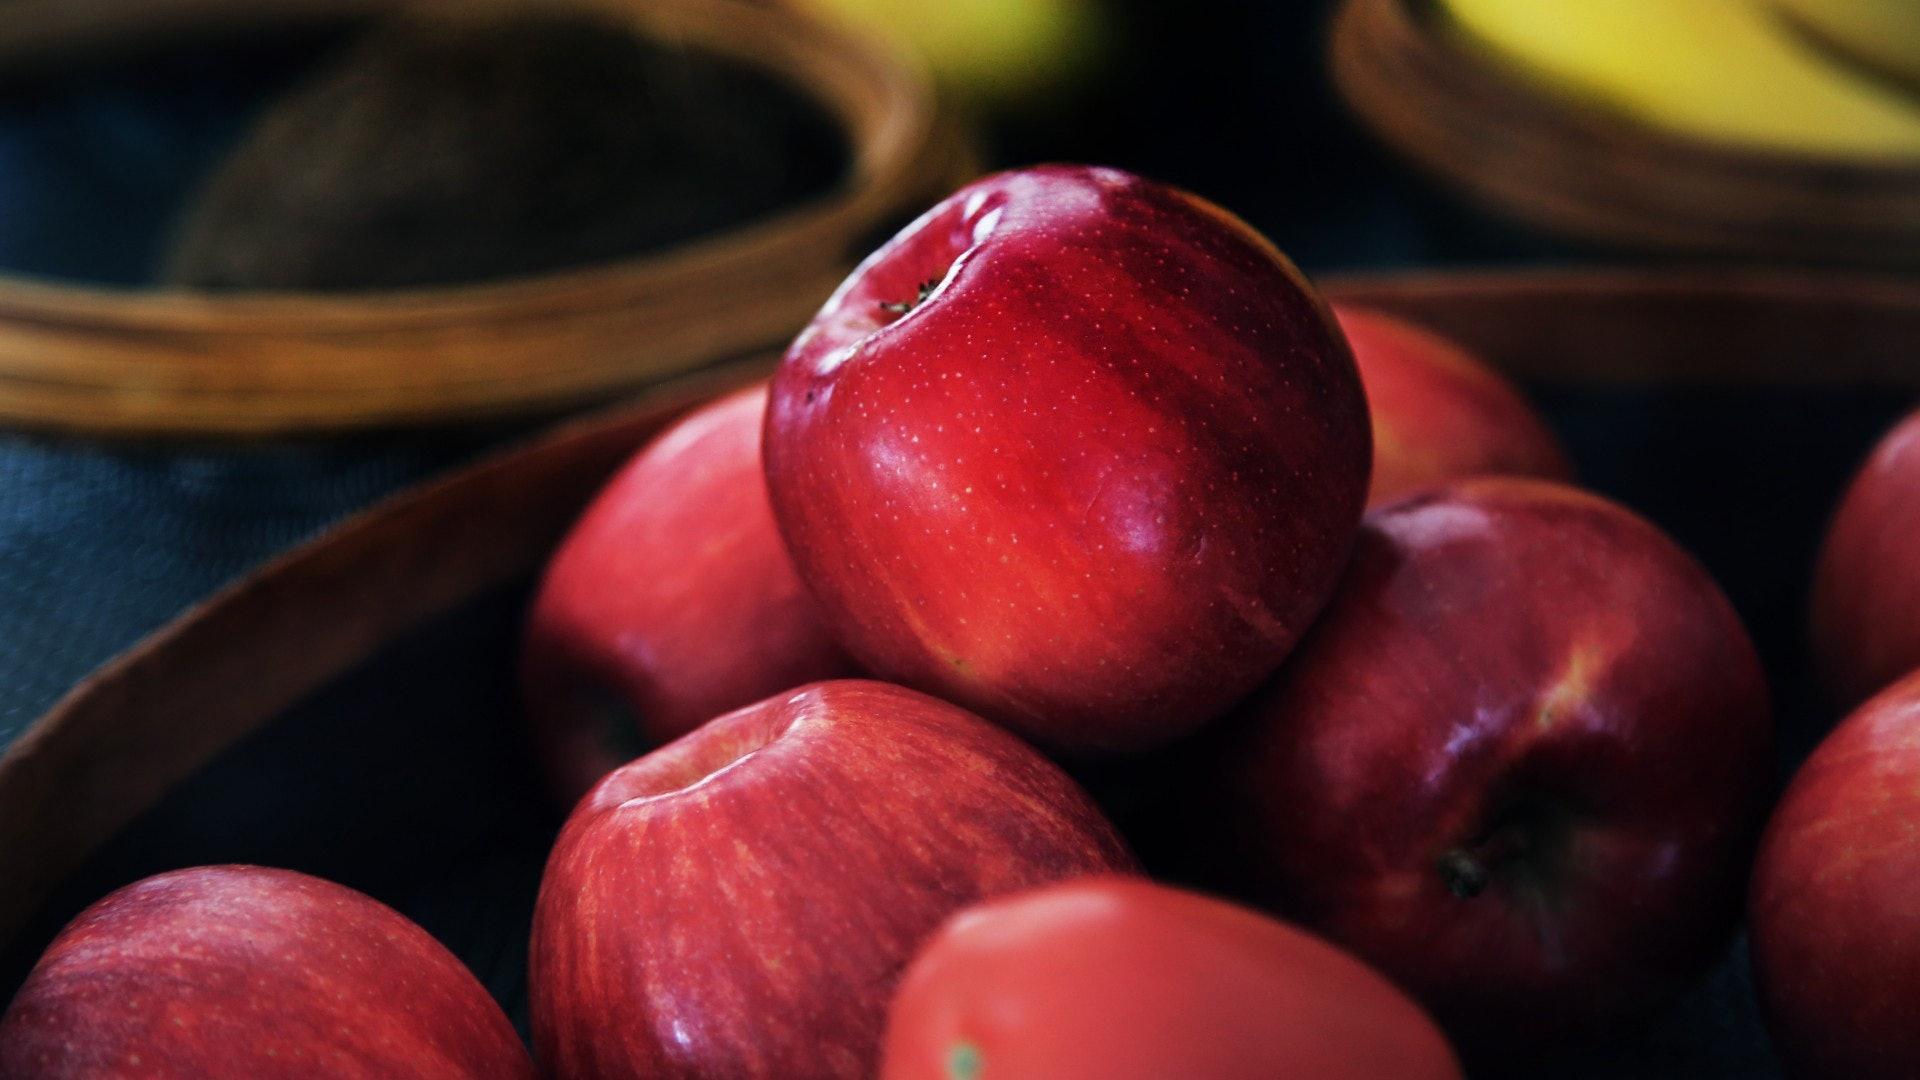 8.蘋果|蘋果是維他命、礦物質與纖維素的重要來源,它的抗炎和抗氧化特性,有助降低壞膽固醇,預防心臟病、癌症與糖尿病。由於糖尿跟腎功能退化息息相關,食蘋果正好能紓緩這方面的問題。(Unsplash)